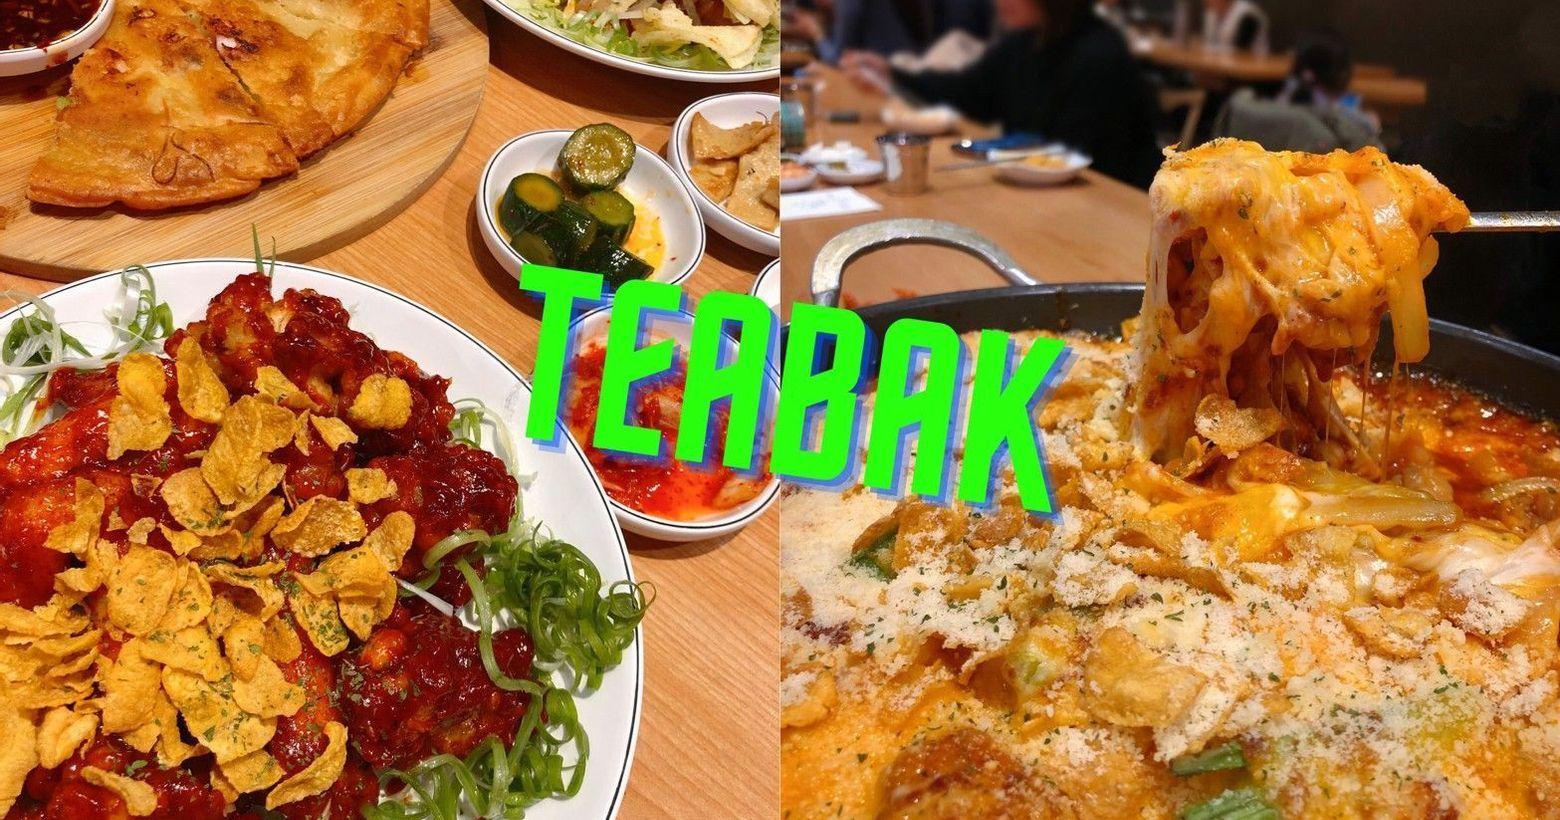 【南京復興】平價正宗韓式料理,起司雞有夠好吃!Google、IG超高評價📍【台北】TAEBAK大發